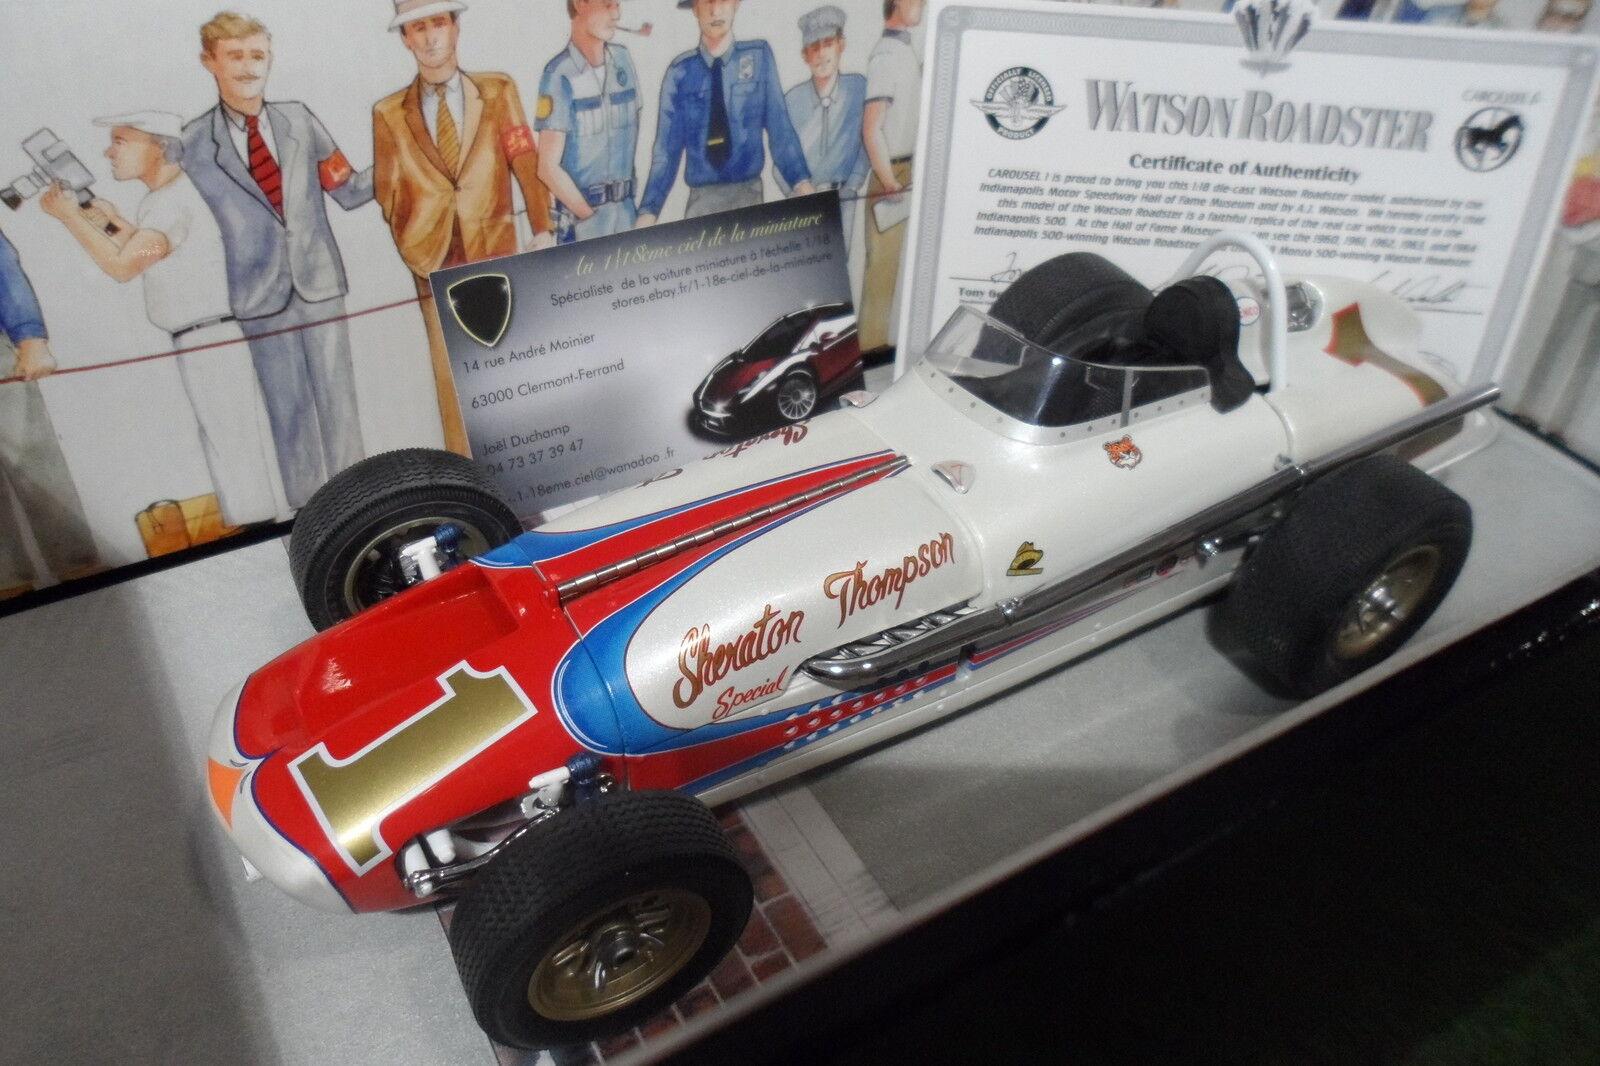 Felices compras WATSON ROADSTER   1 INDIANAPOLIS INDIANAPOLIS INDIANAPOLIS 500 WINNER 1964 au 1 18 CocheOUSEL 1 4406 voiture  compras en linea